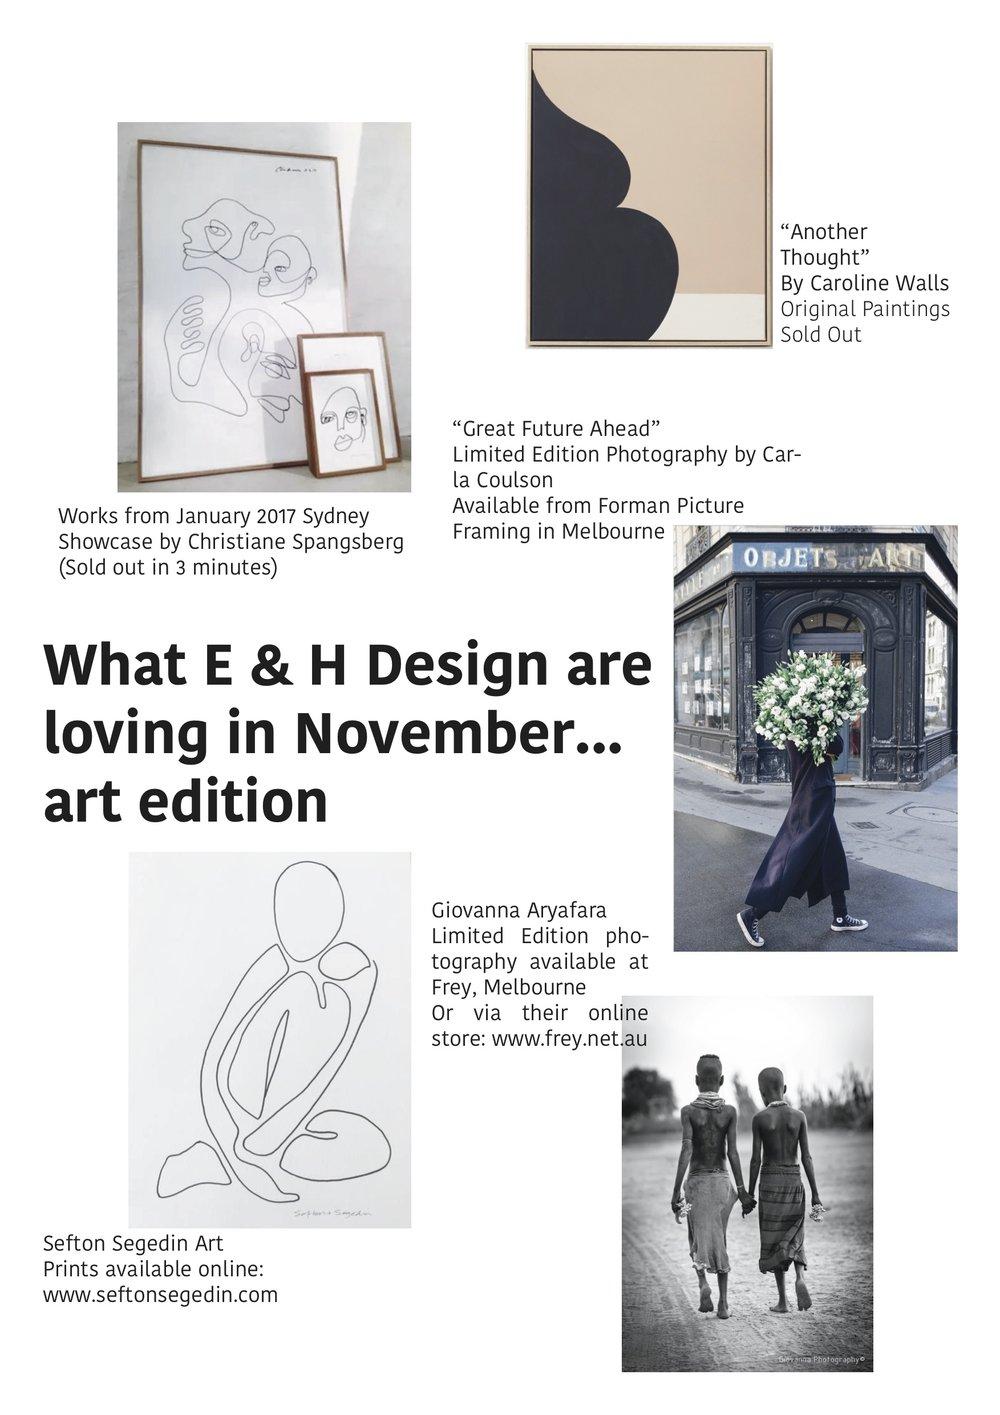 e and h love_november art.jpg